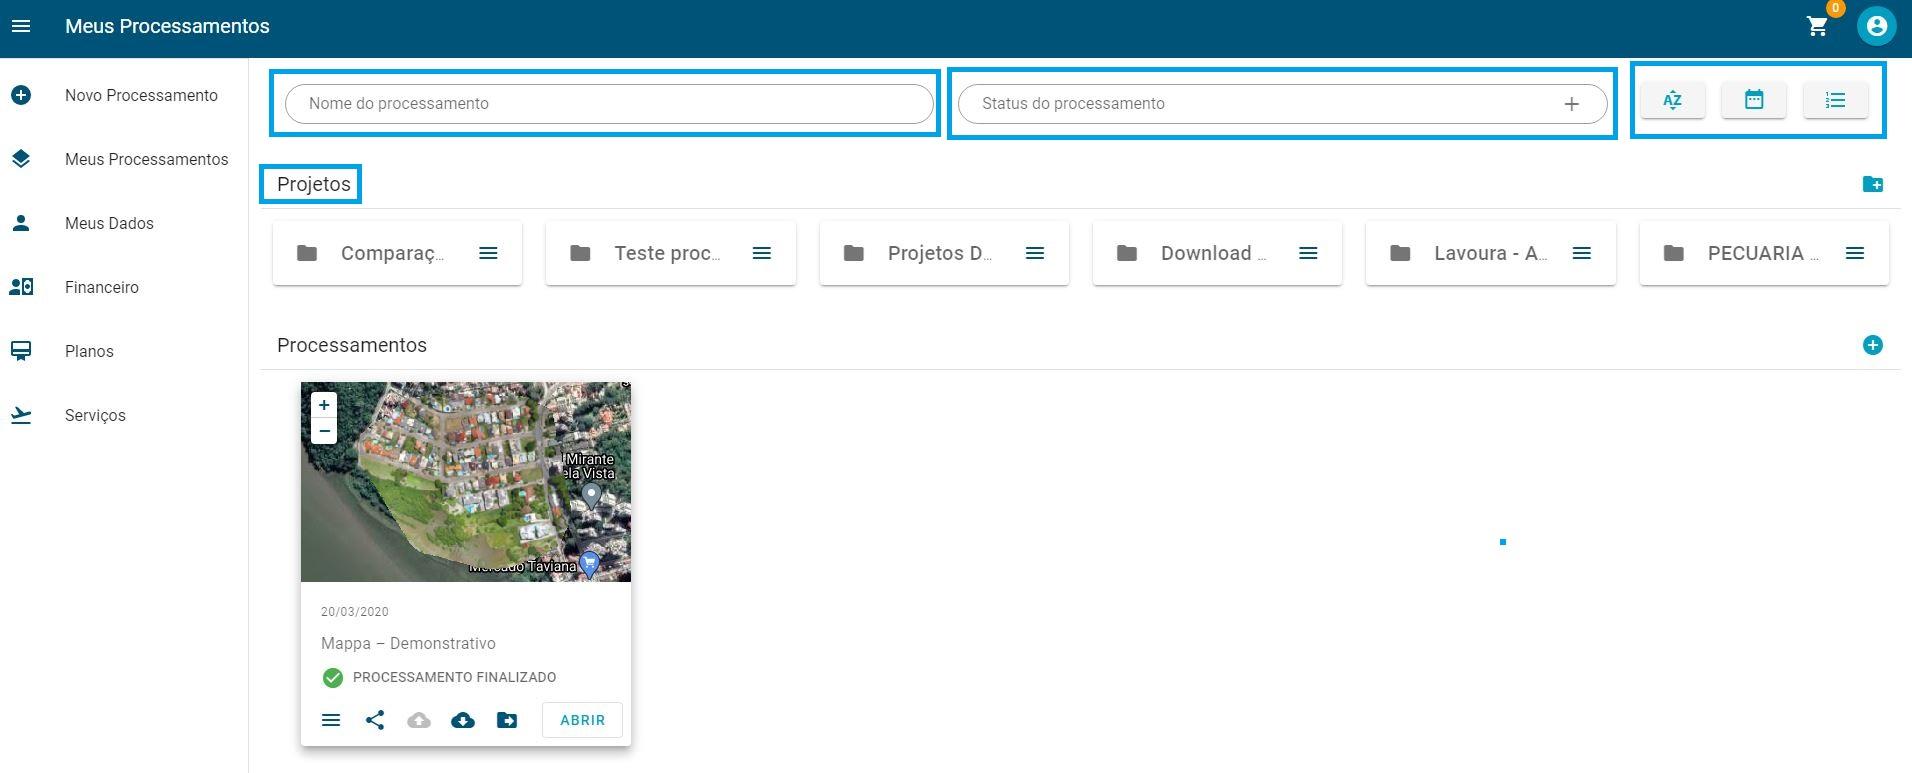 print dashboard mappa destacado para gestao de projetos